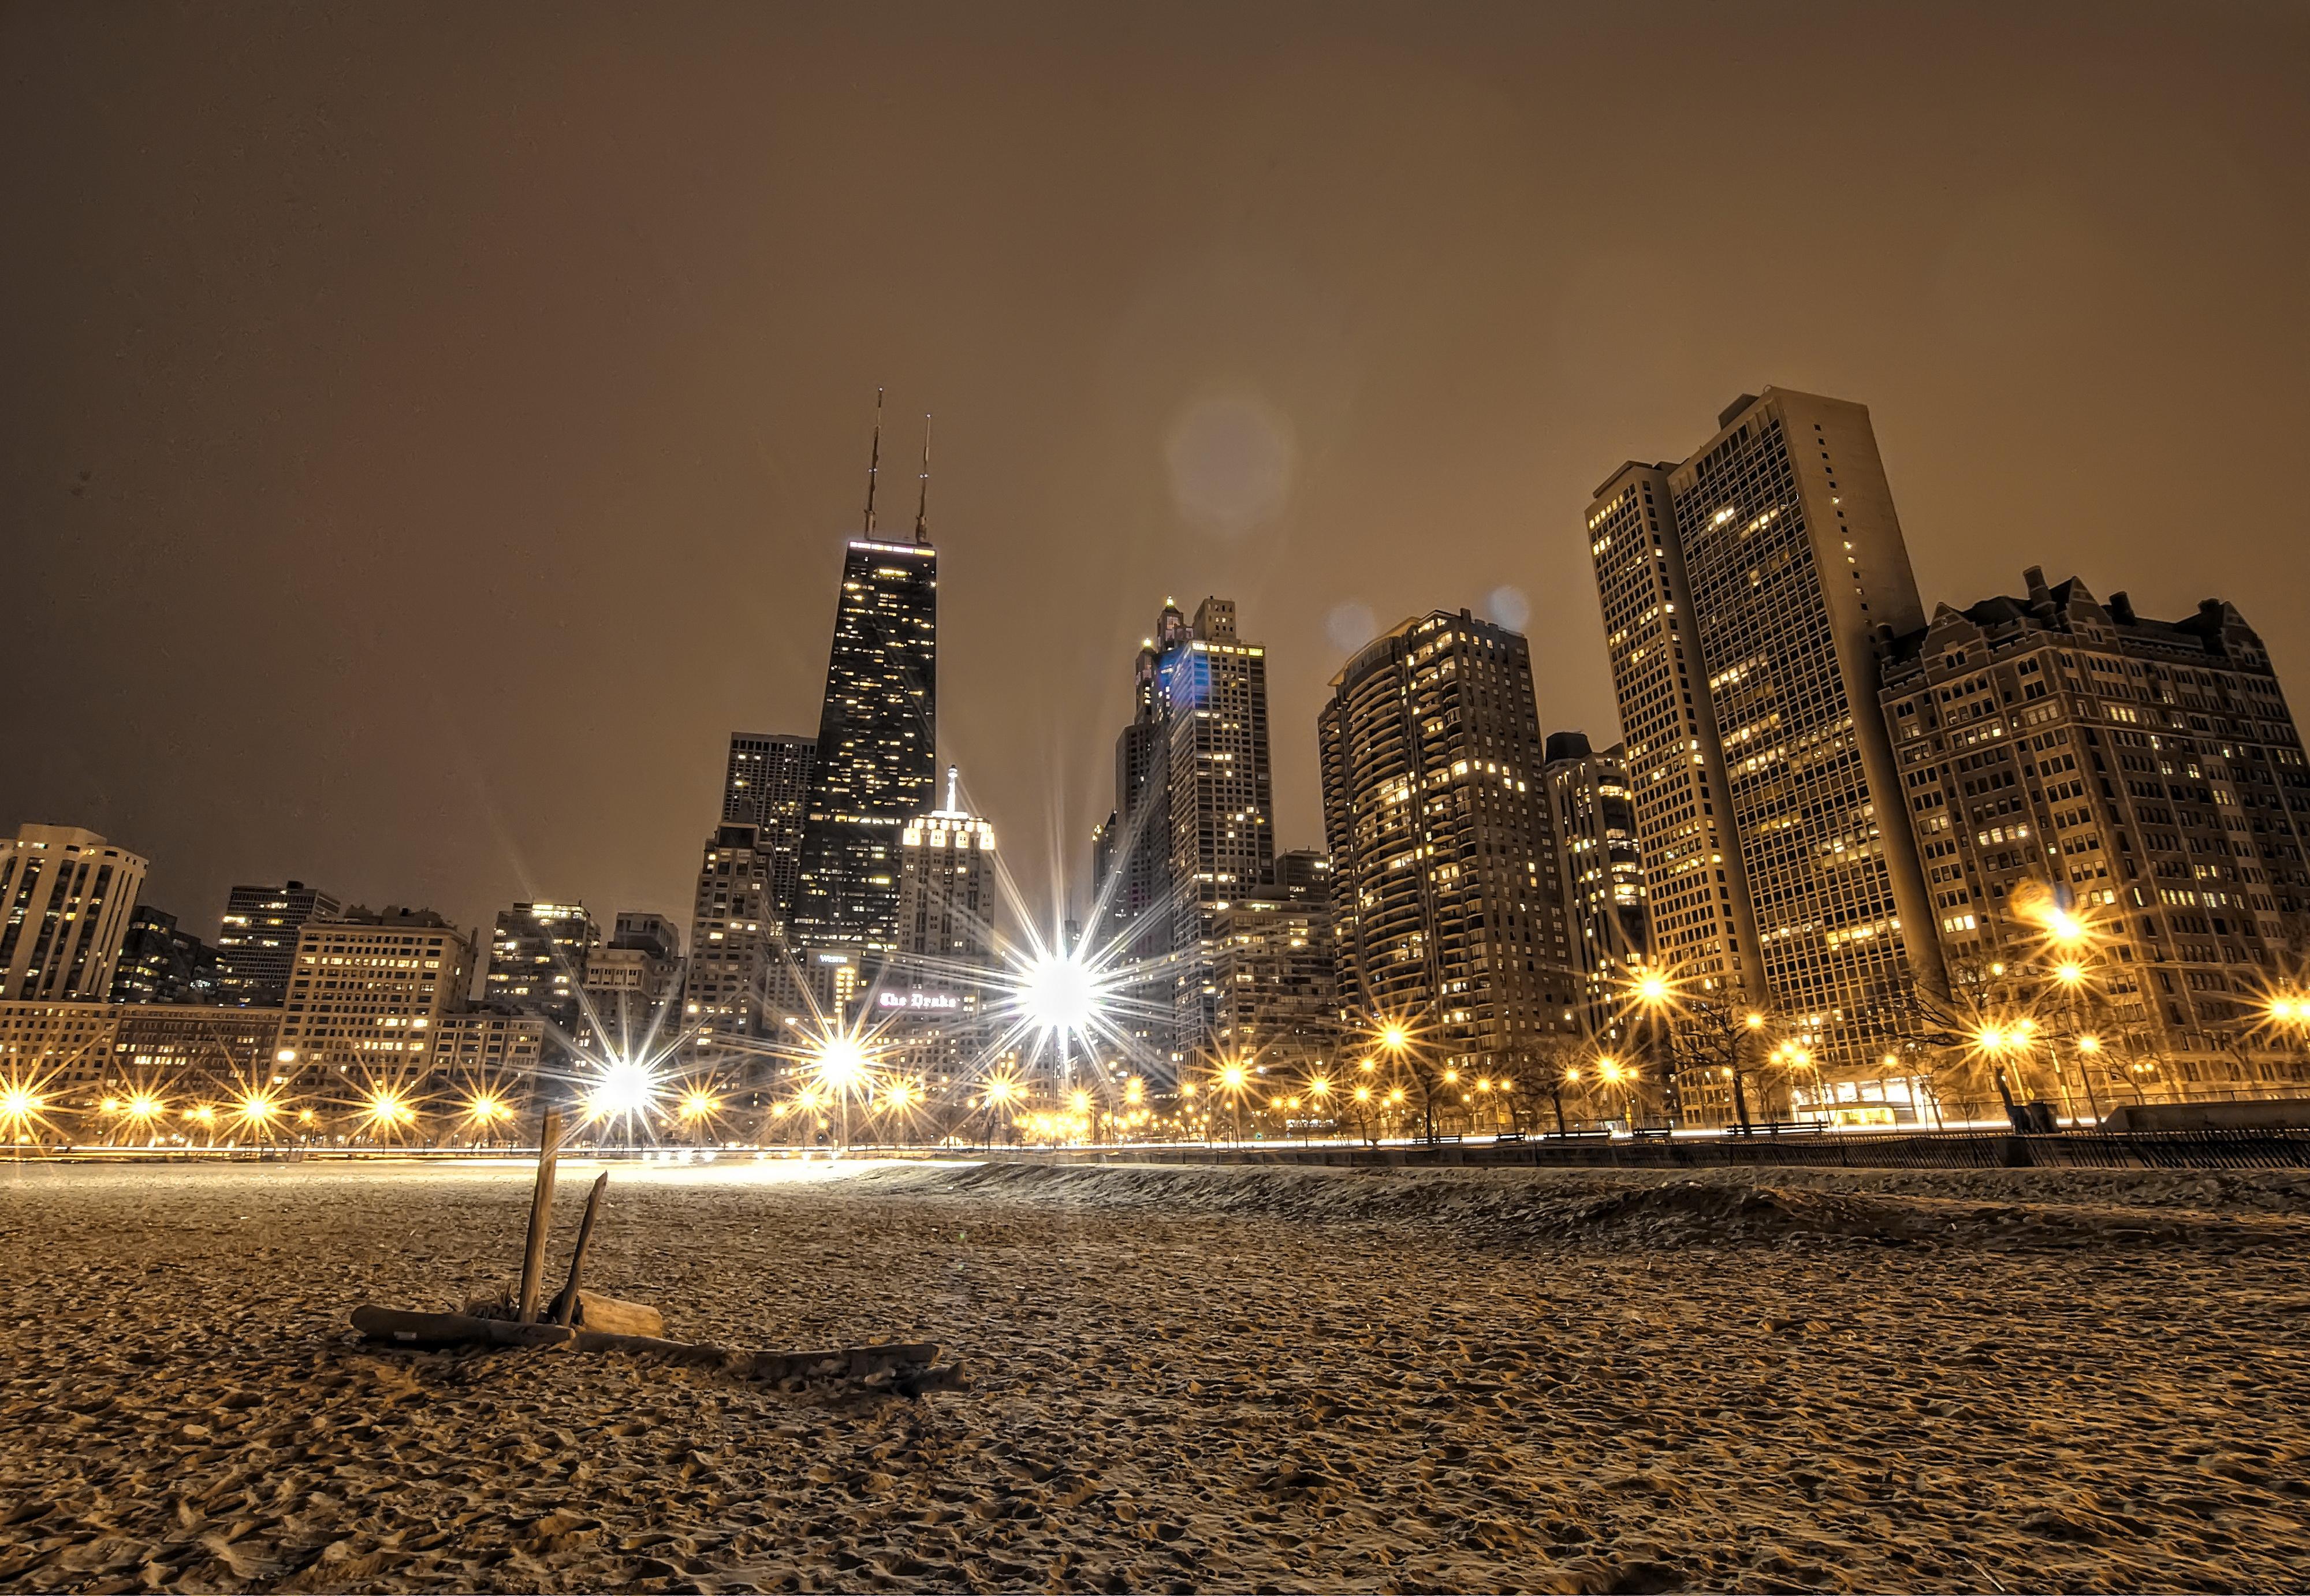 моменту картинки ночного зимнего города ним находится